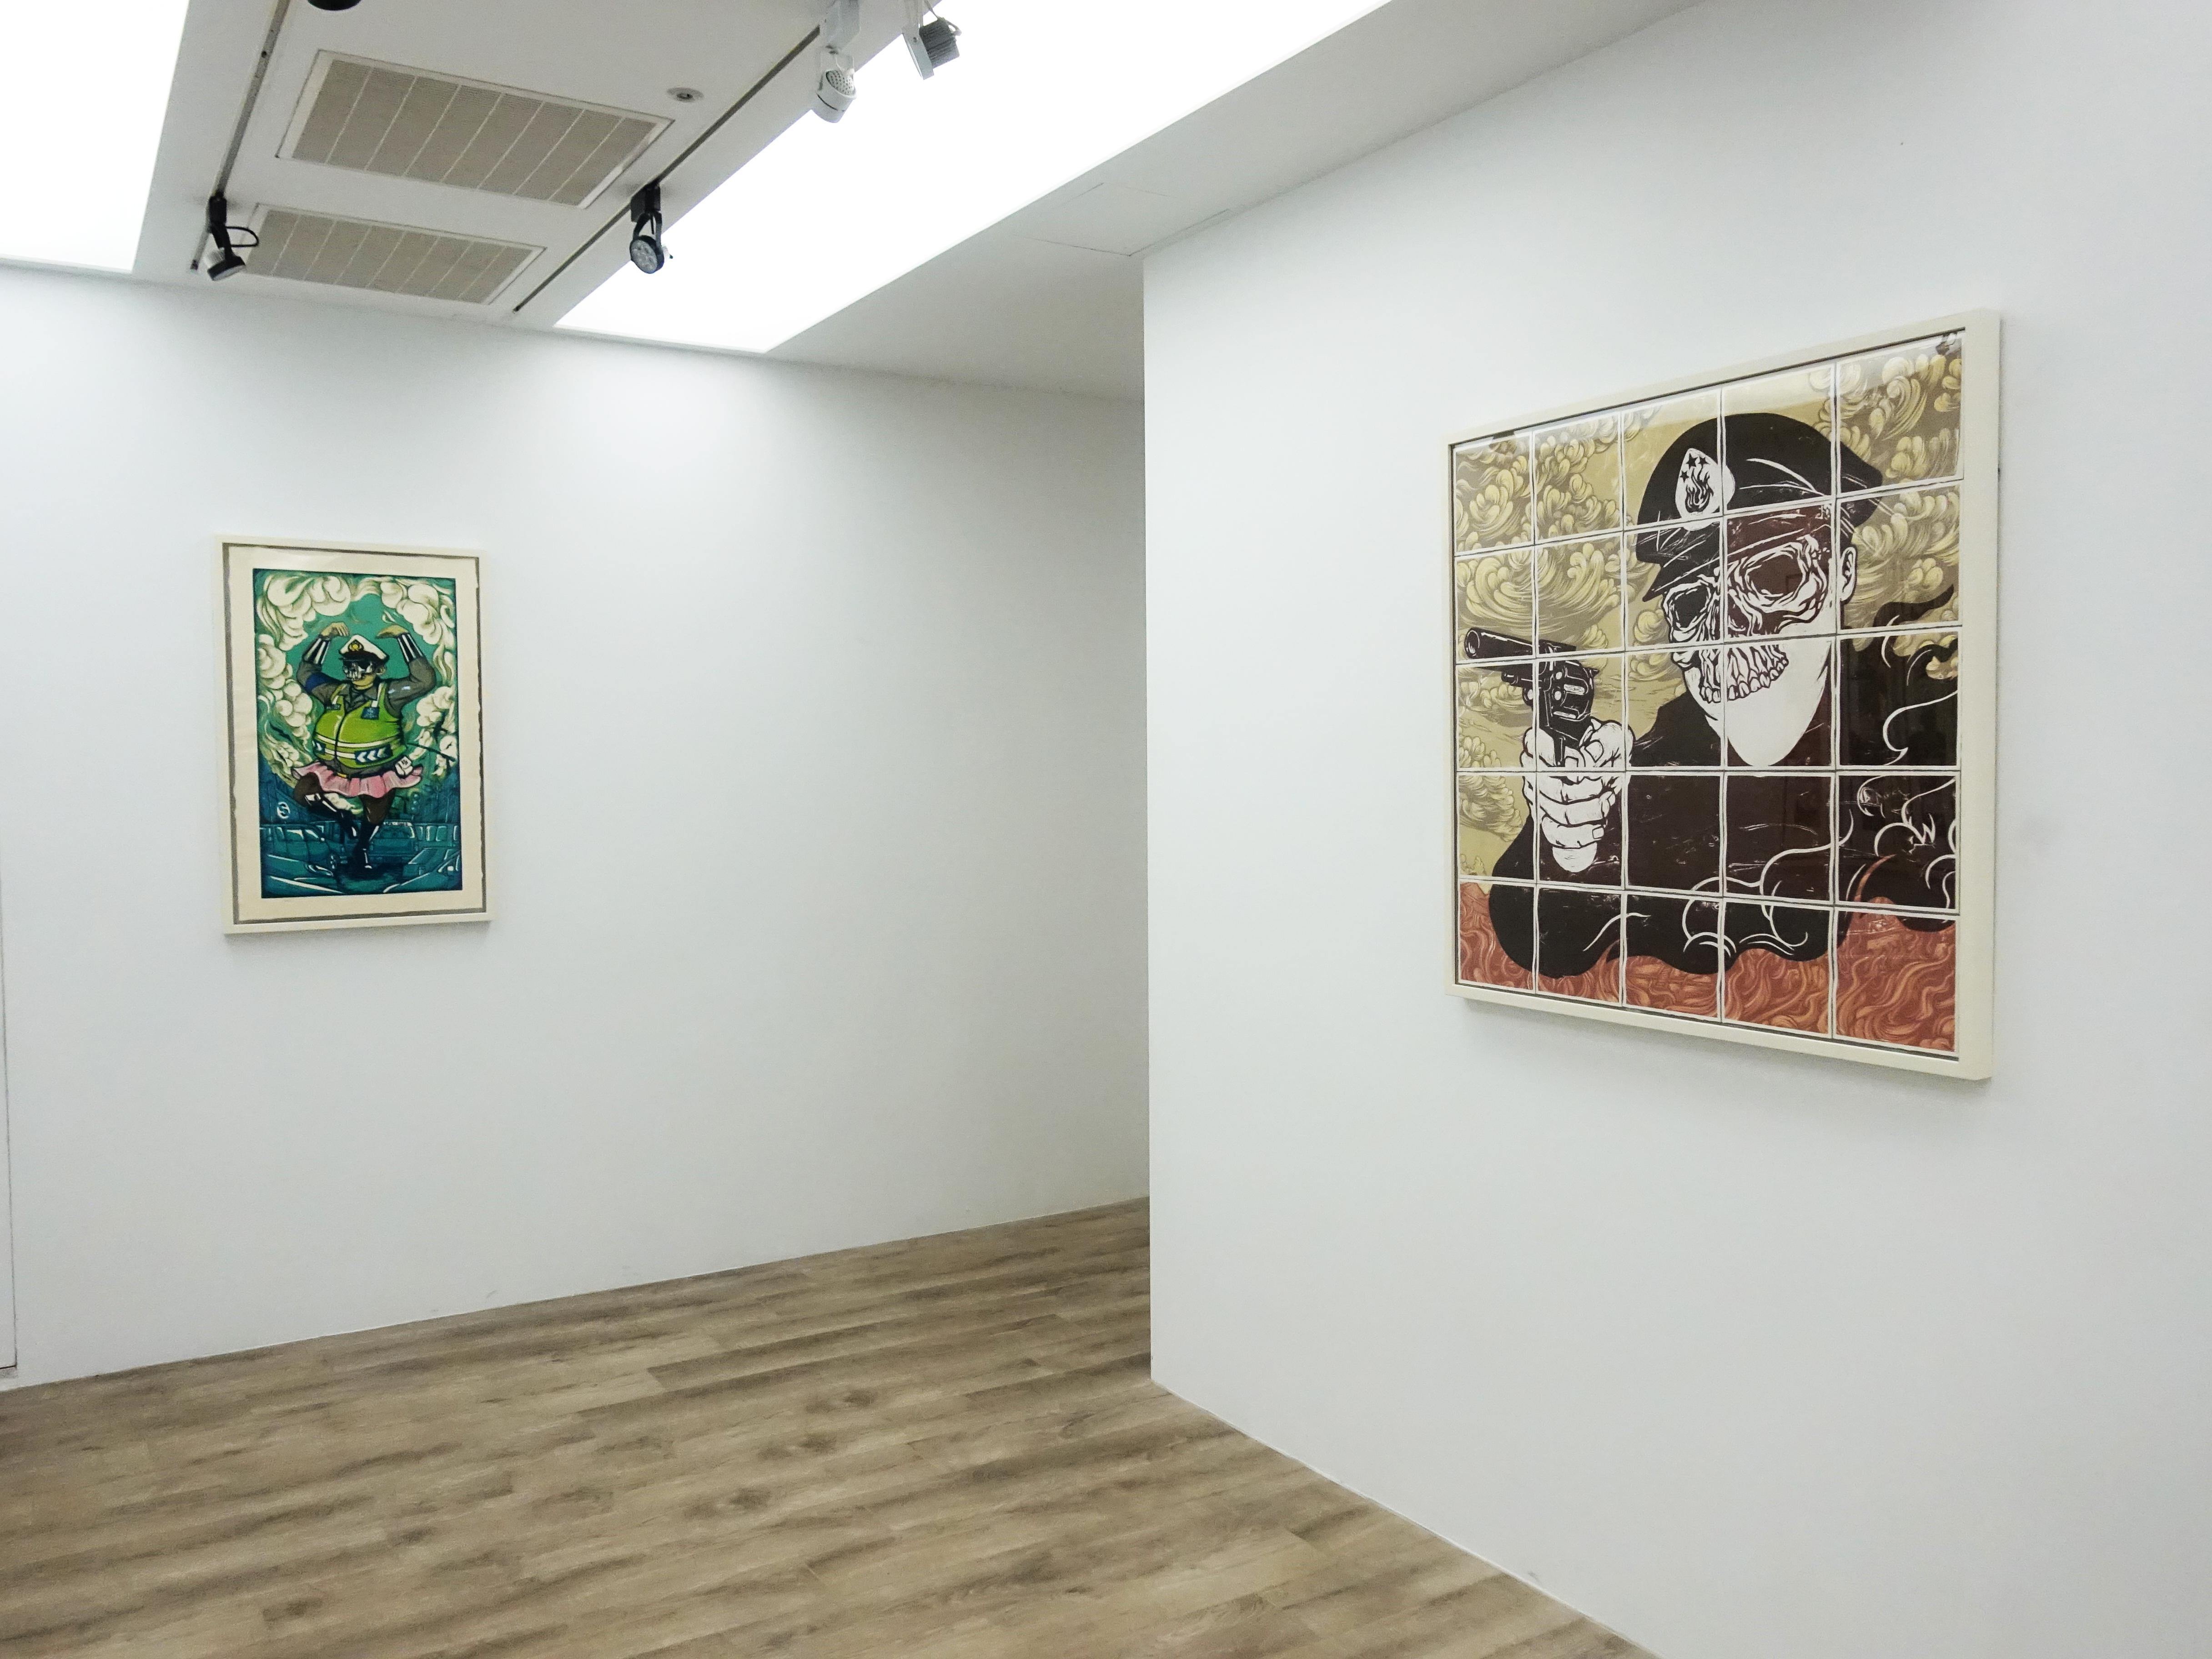 十方藝術空間展出印尼藝術家錫吉特・拉馬丹在台首次個展。